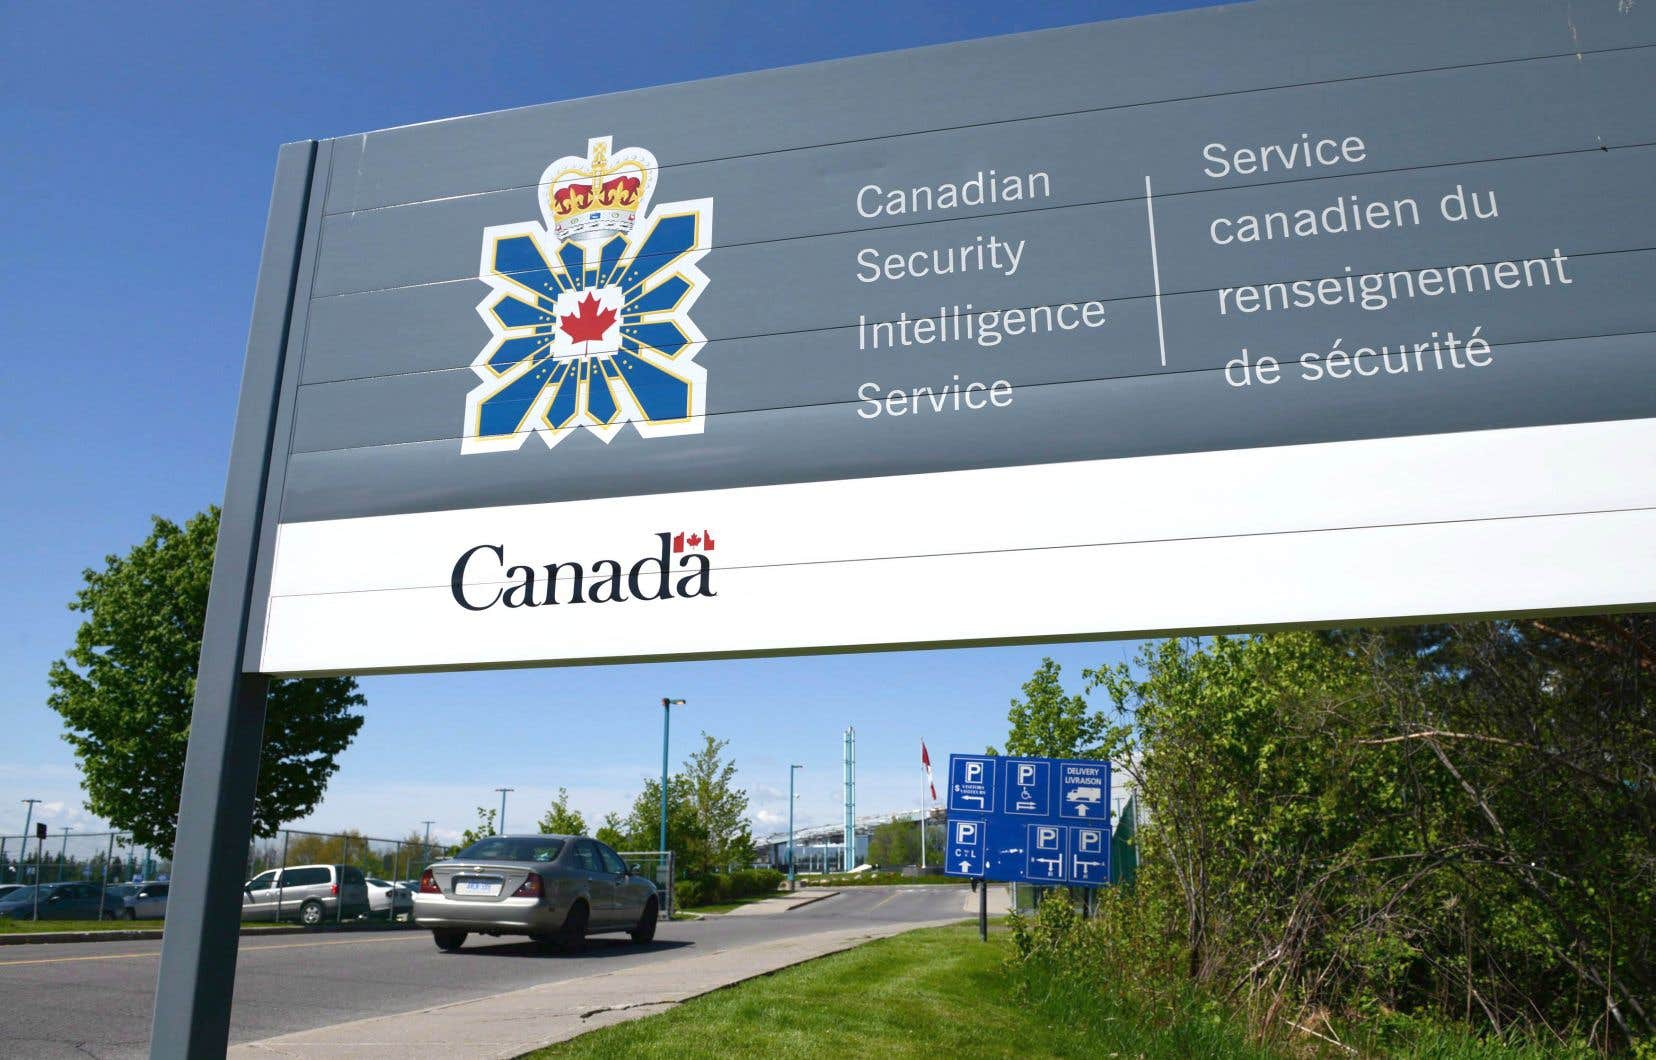 Selon le Service canadien du renseignement de sécurité, l'ingérence étrangère et l'espionnage posent désormais «la plus grande menace pour notre prospérité et nos intérêts nationaux».